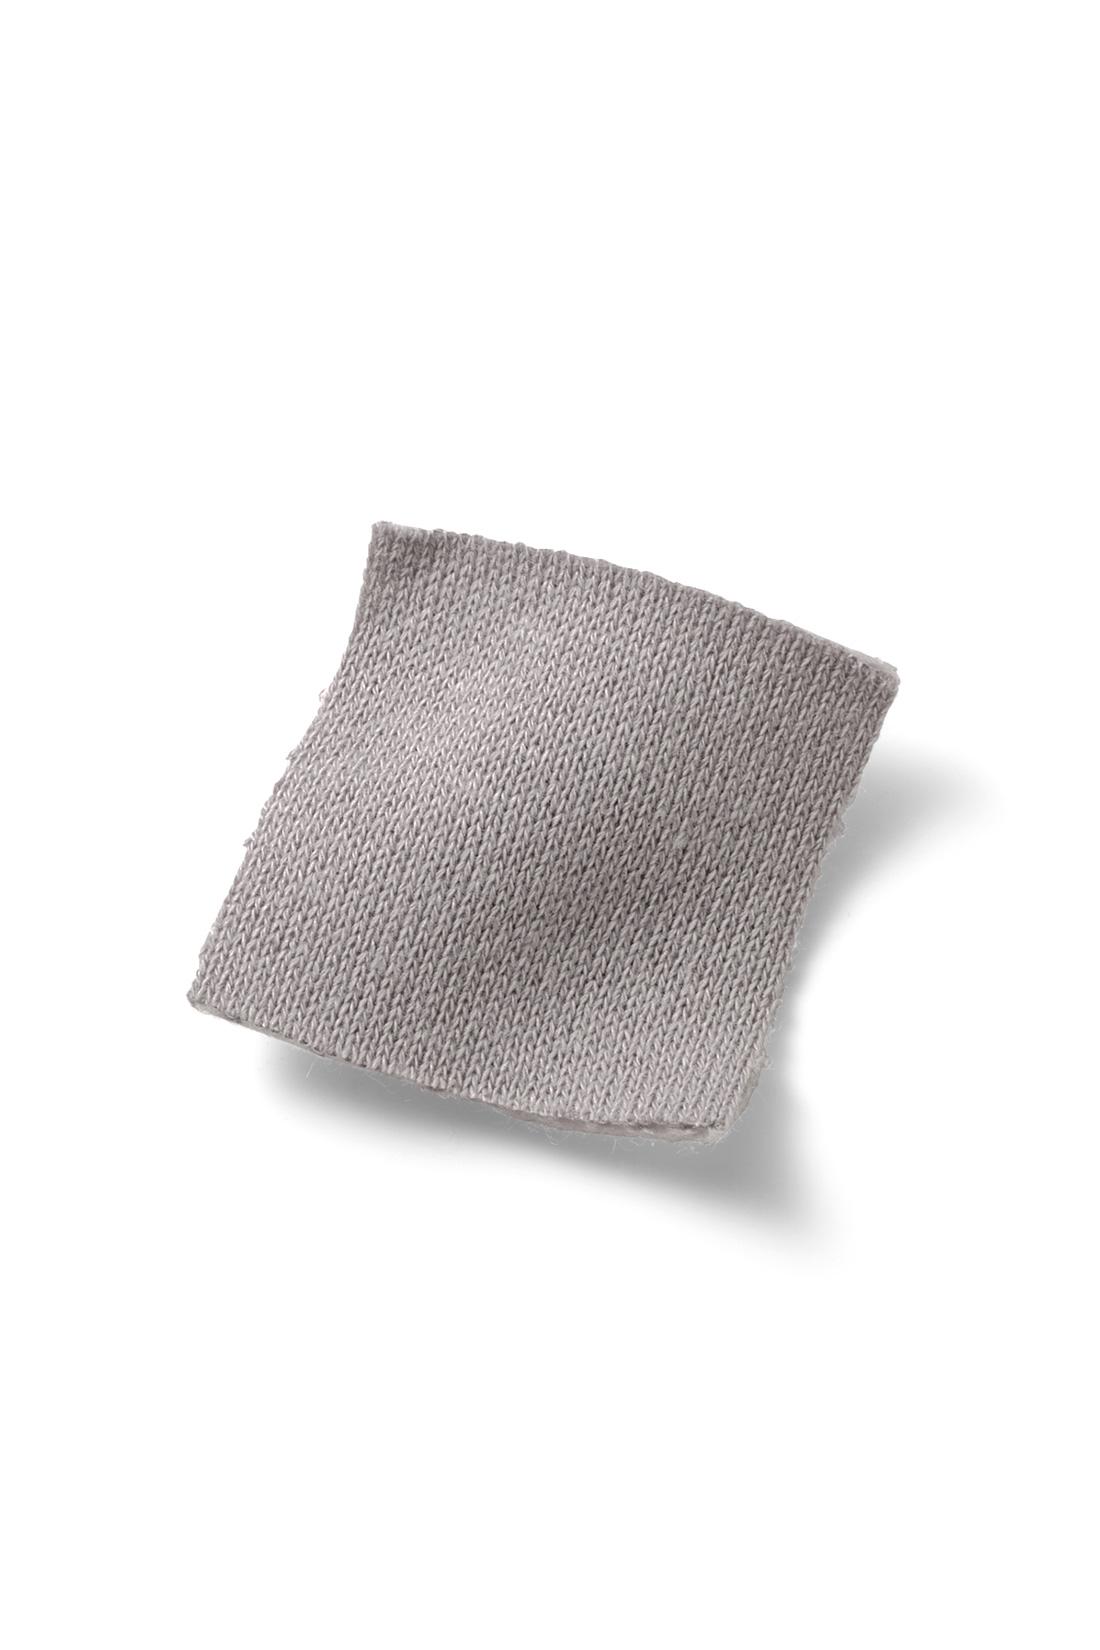 ほどよい厚みで着ぶくれしないスウェット素材。 ※お届けするカラーとは異なります。